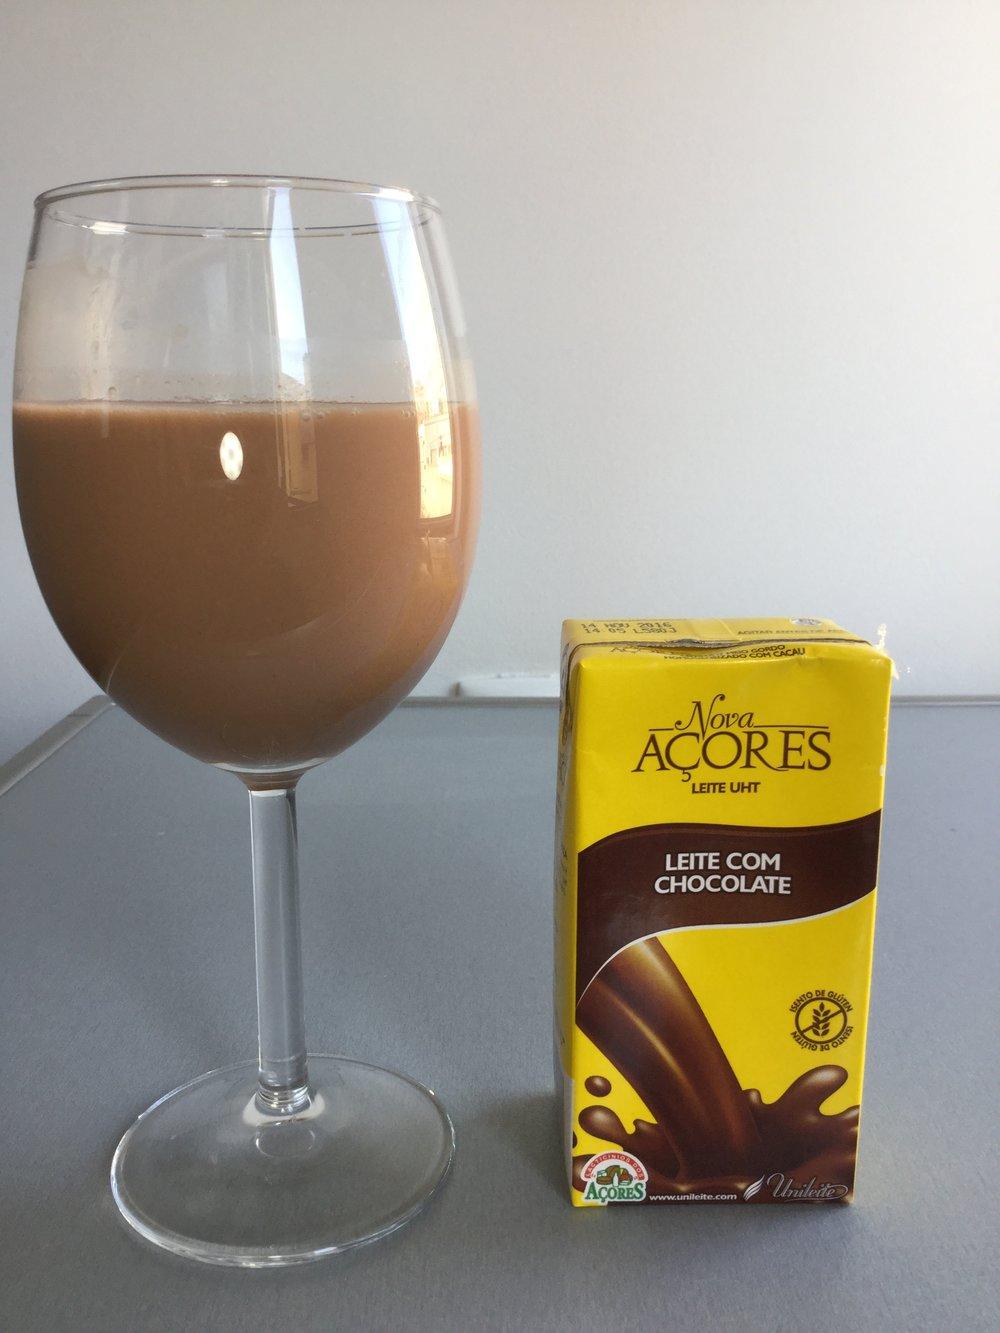 Nova Acores Leite Com Chocolate Cup